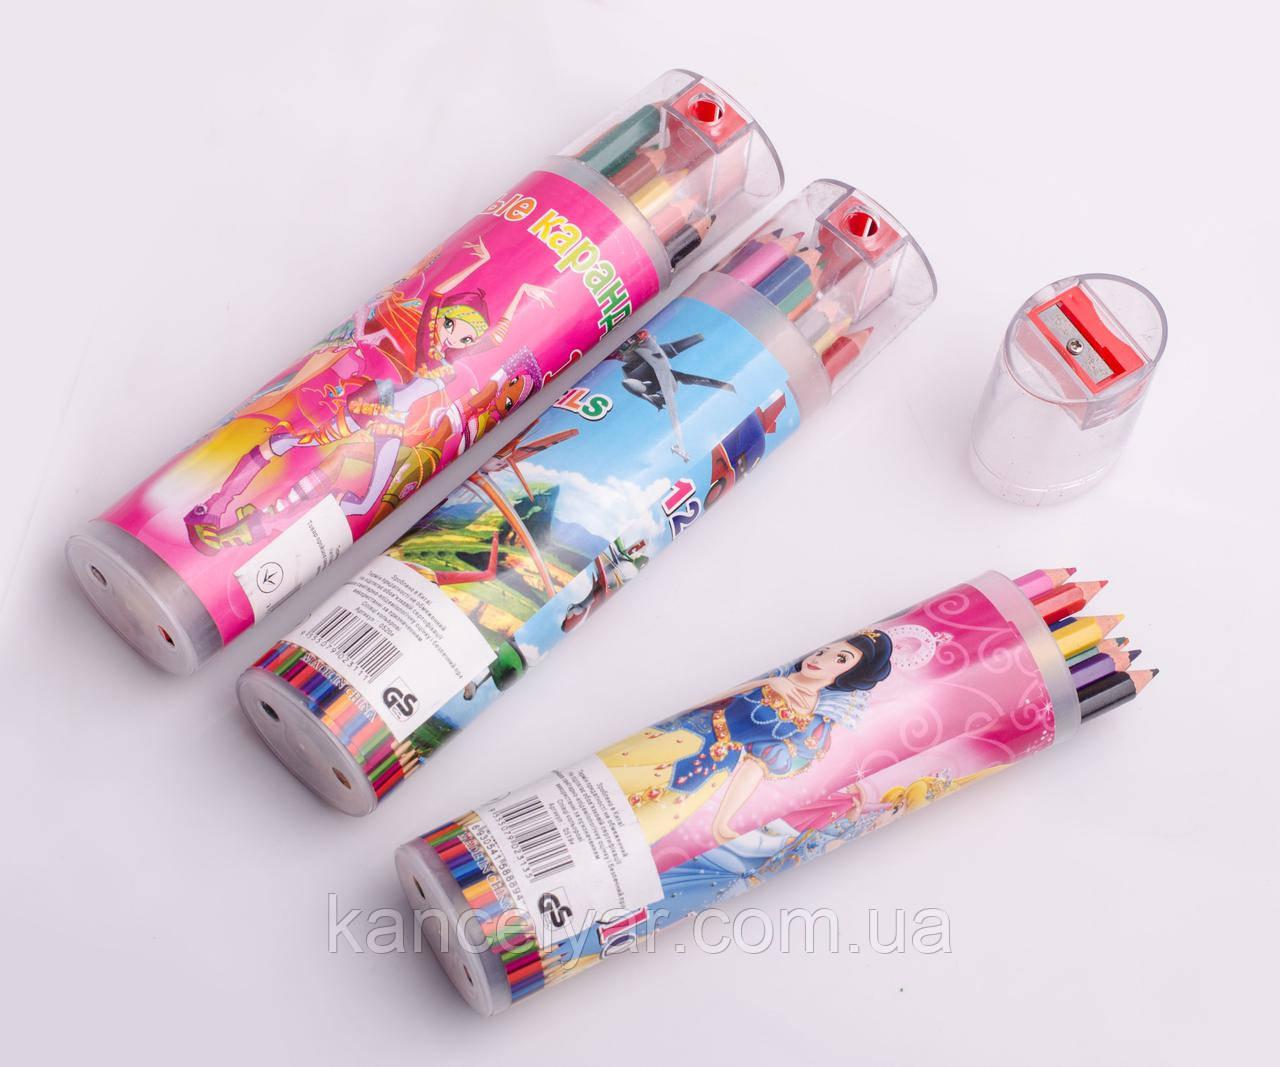 Набор карандашей в контейнере: 12 цветов, точилка, в ассортименте